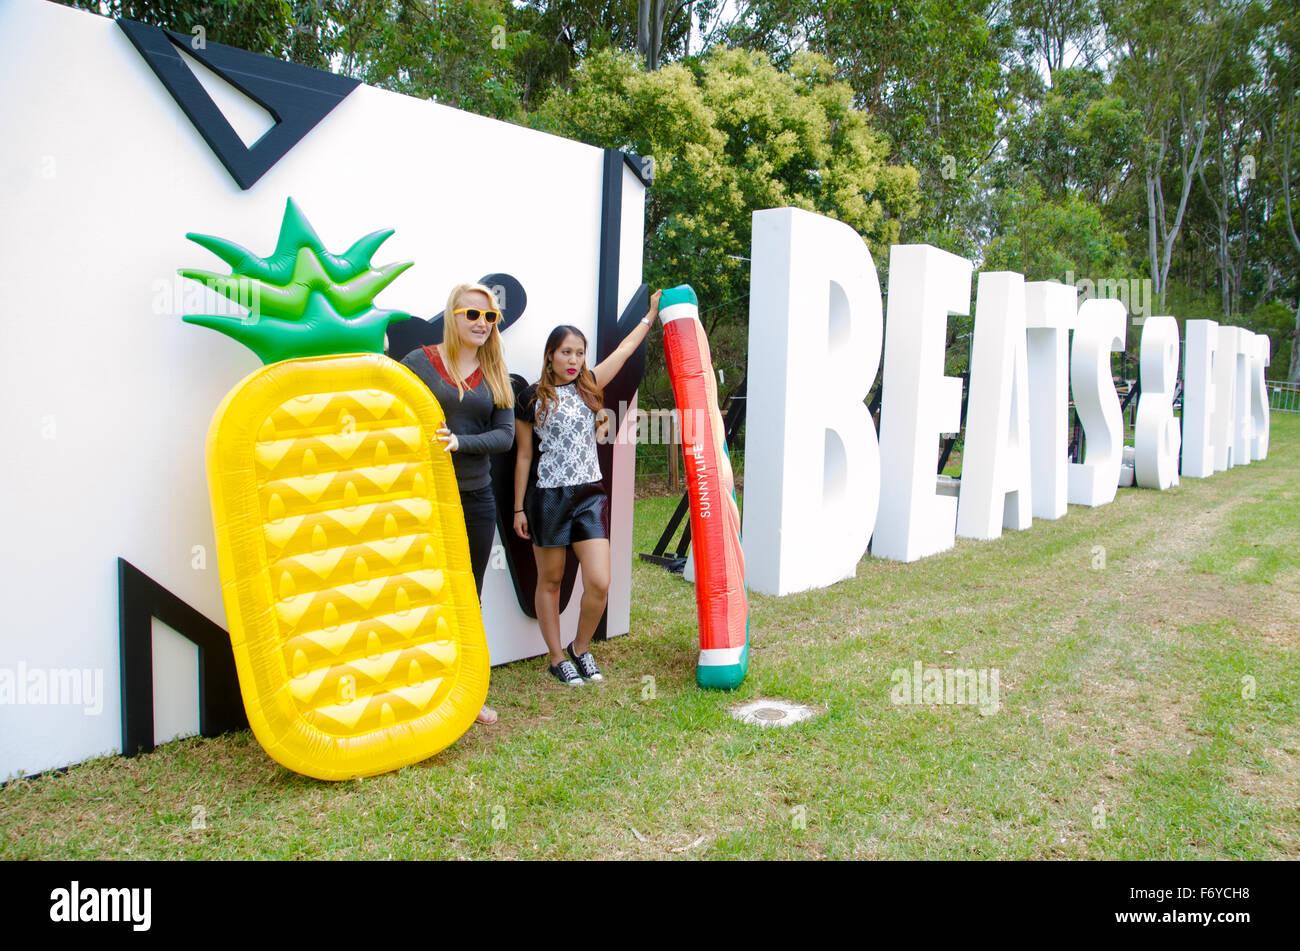 Sydney, Australia. 21 Novembre, 2015. MTV battiti e mangia Music Festival visualizzazione del logo. Il festival Immagini Stock